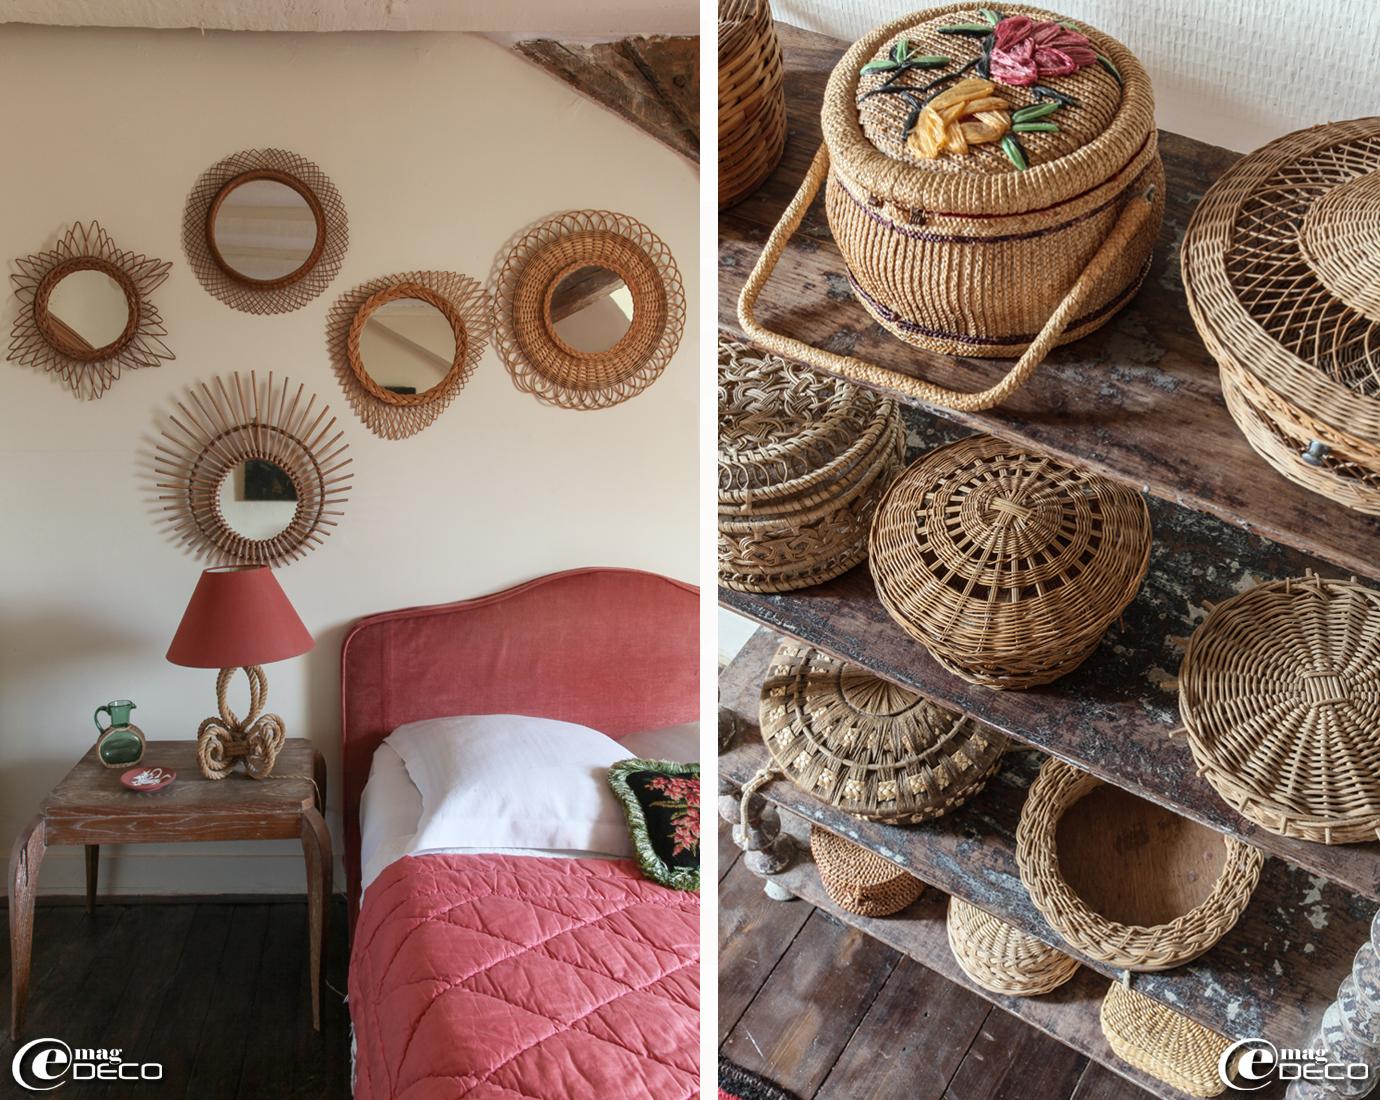 Dans une chambre de la maison d'hôtes L'Hôtel des Tailles, collection de miroirs en rotin et de boîtes en osier